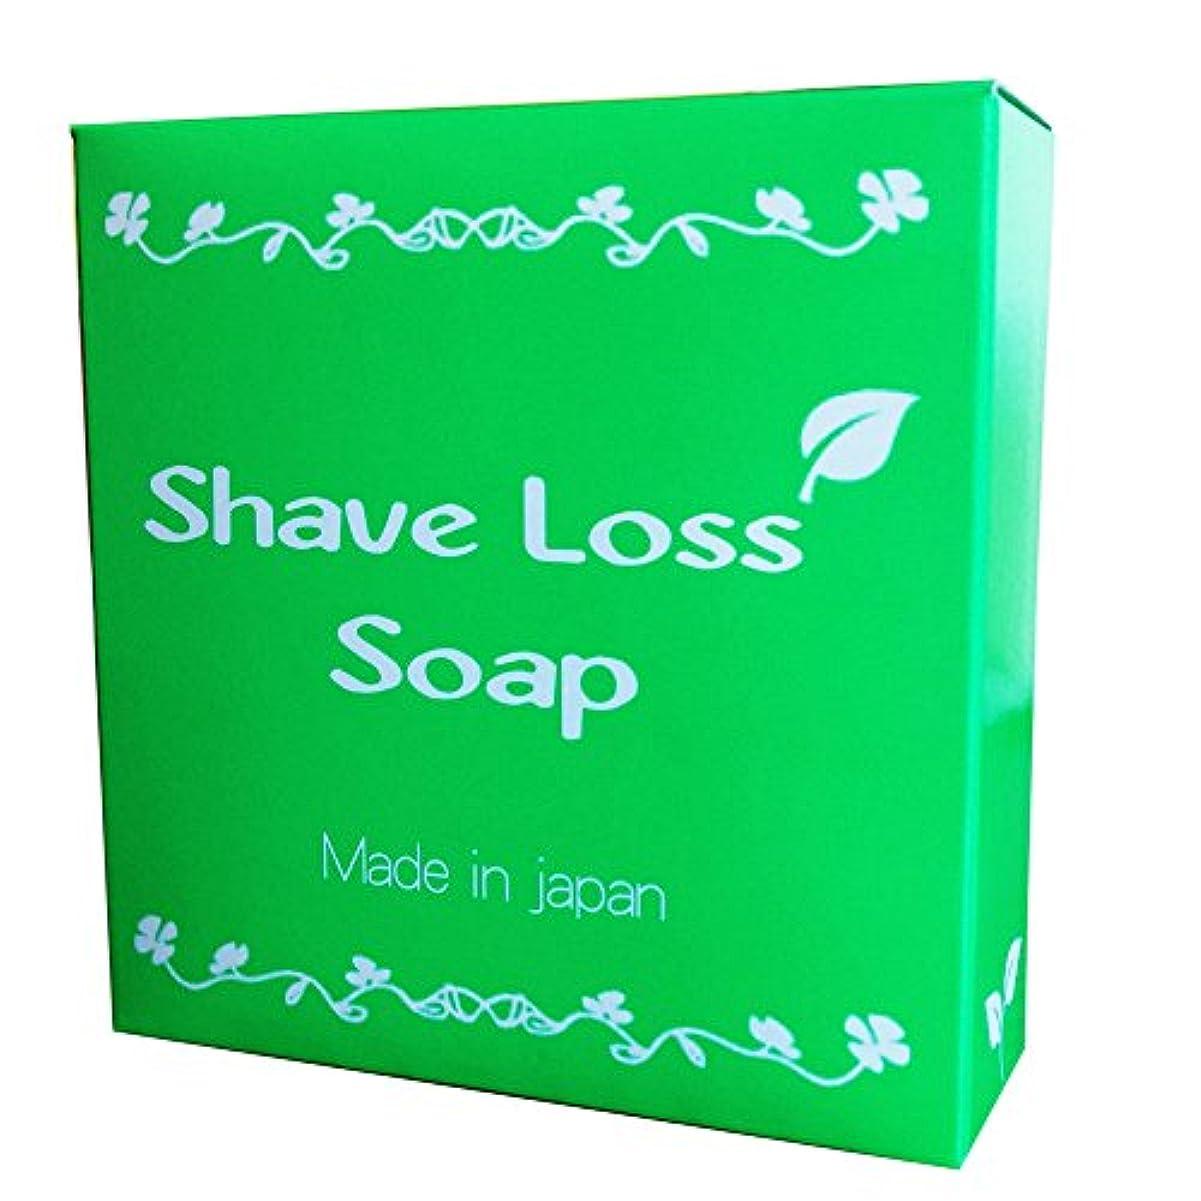 セミナー流産損傷Shave Loss Soap 女性のツルツルを叶える 奇跡の石鹸 80g (1個)